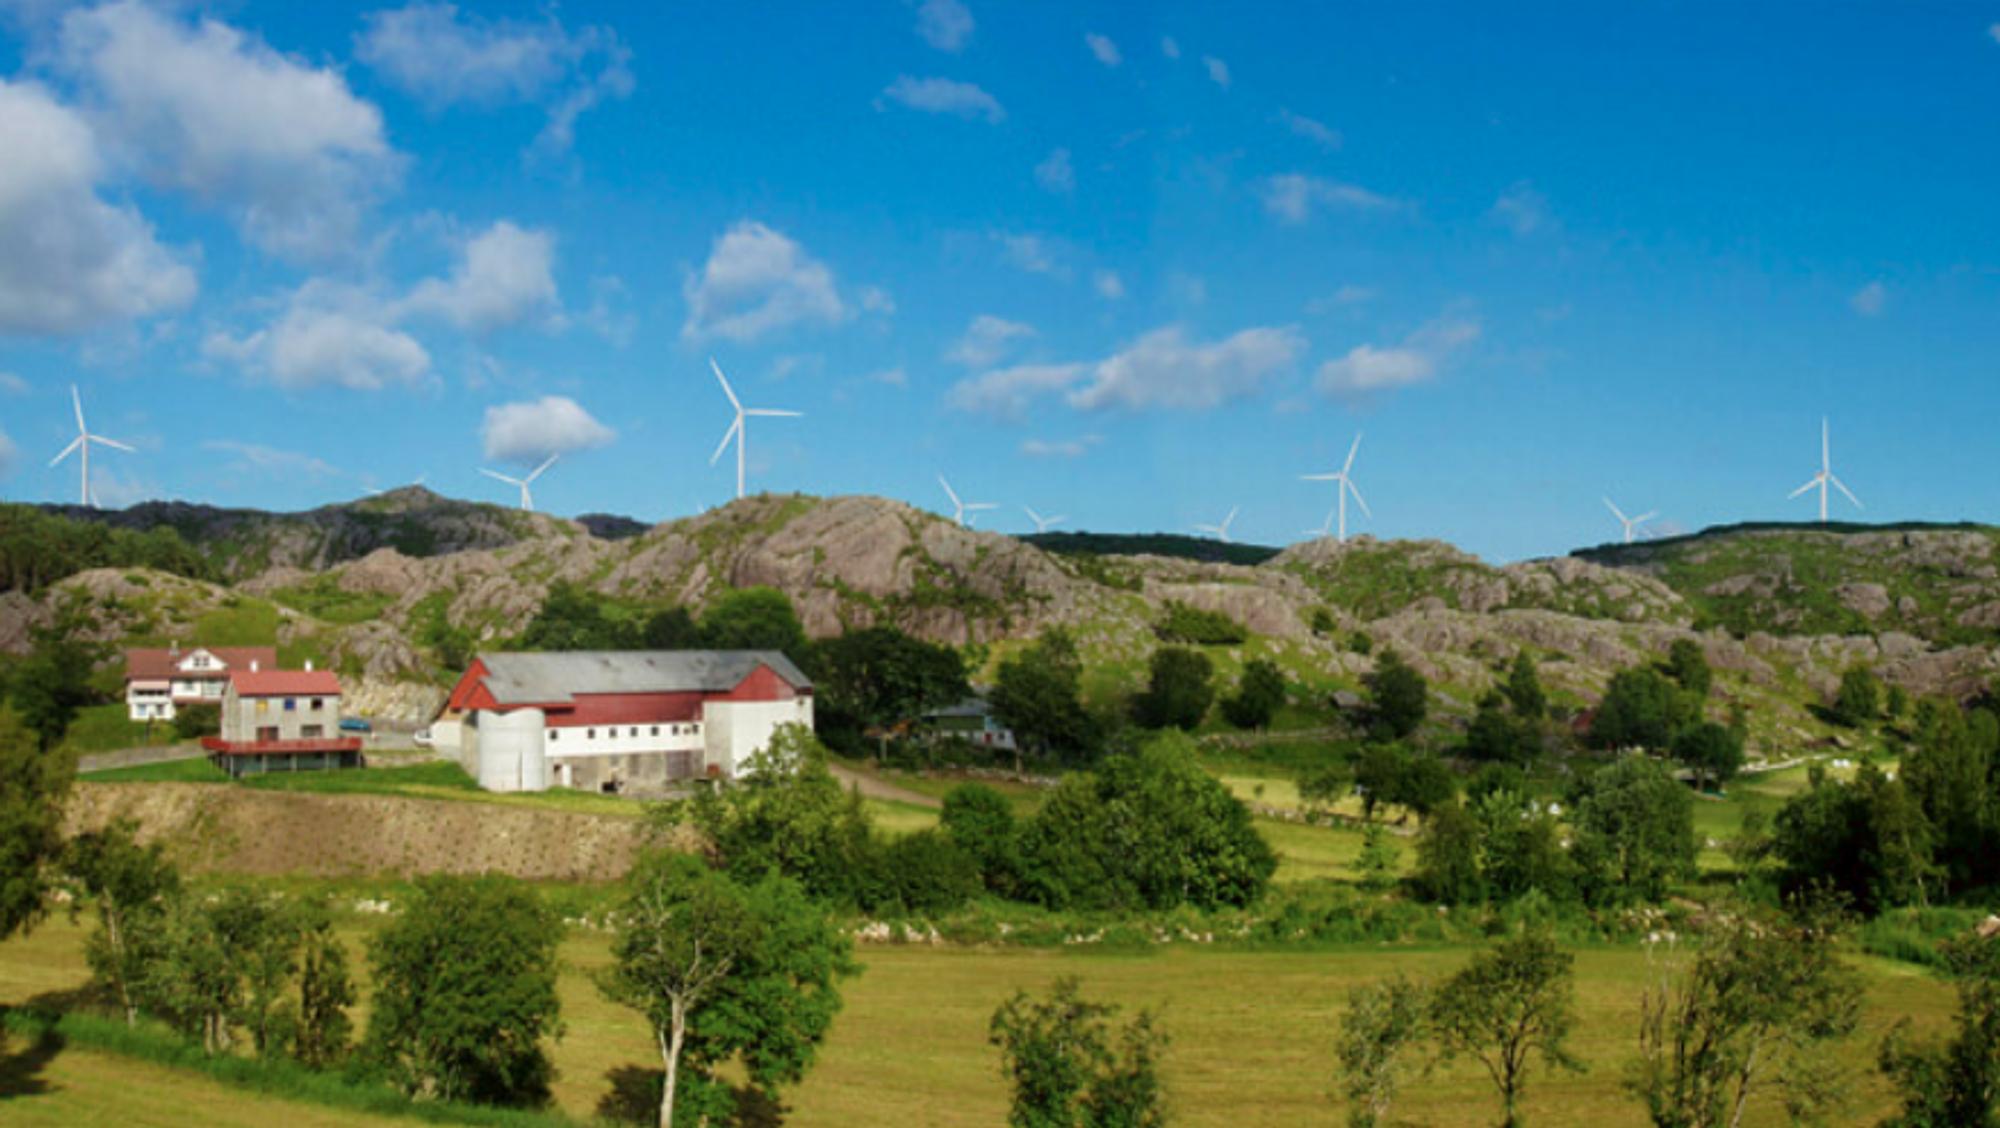 Vindparken er lokalisert i Hå og Bjerkreim kommuner, og vil til sammen ha en installert effekt på cirka 295 MW. Årsproduksjonen på cirka 1000 Gwh (1 Twh) tilsvarer årsforbruket til cirka 50.000 husholdninger.